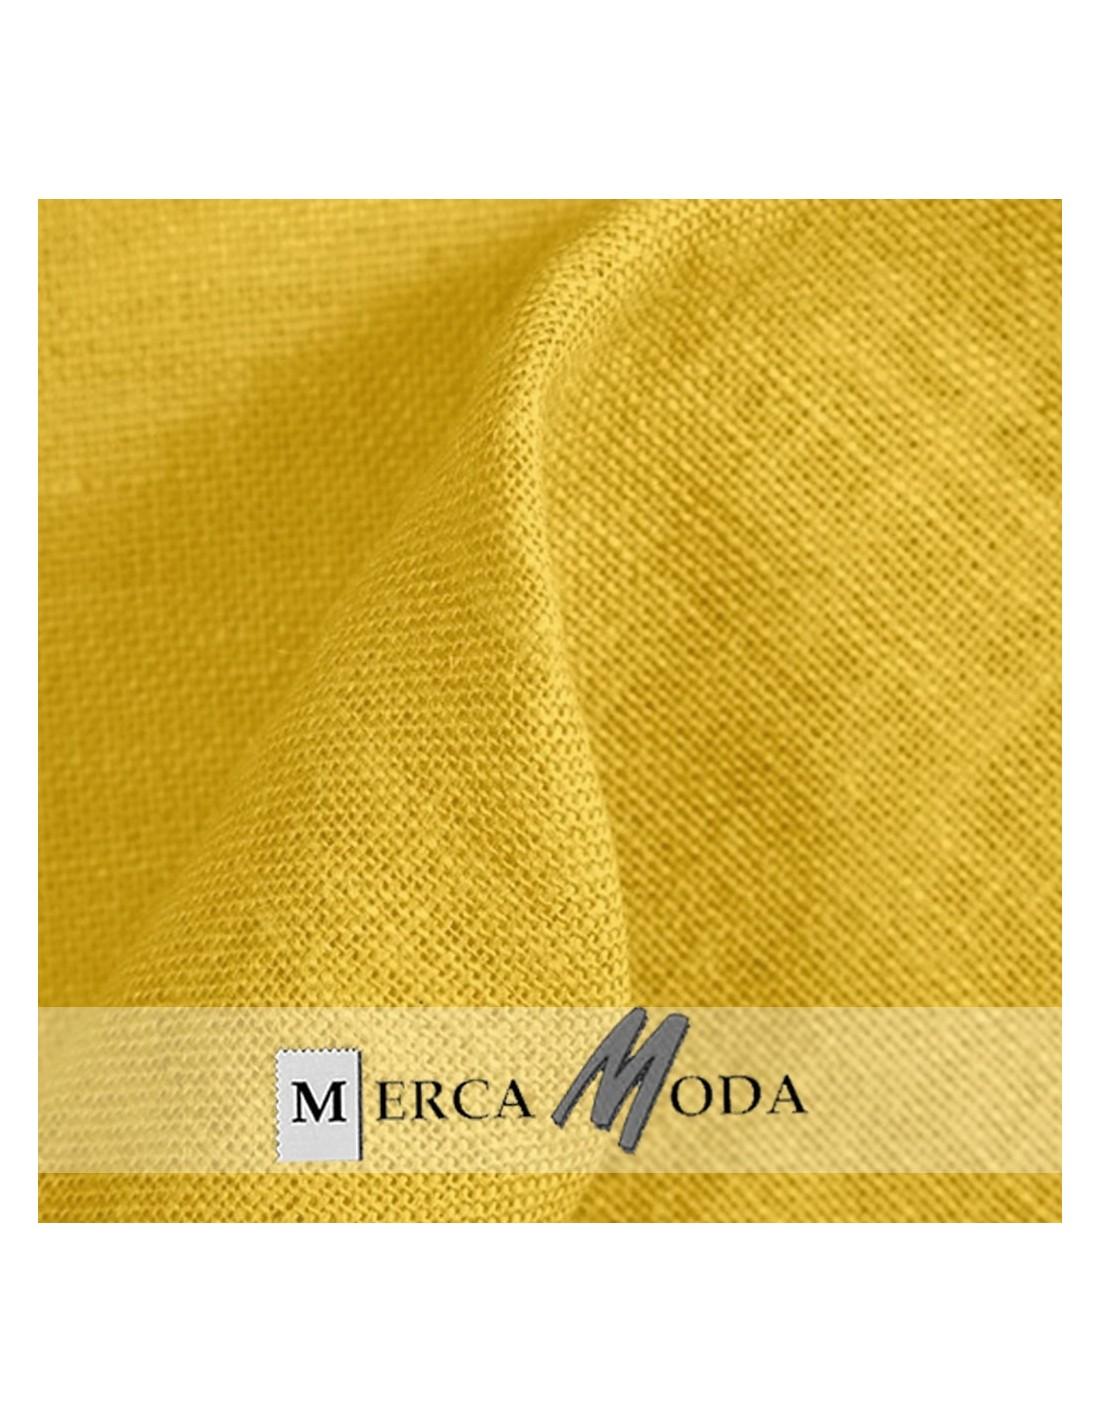 Arpillera o saco amarillo compre telas por metros online - Saco arpillera ...